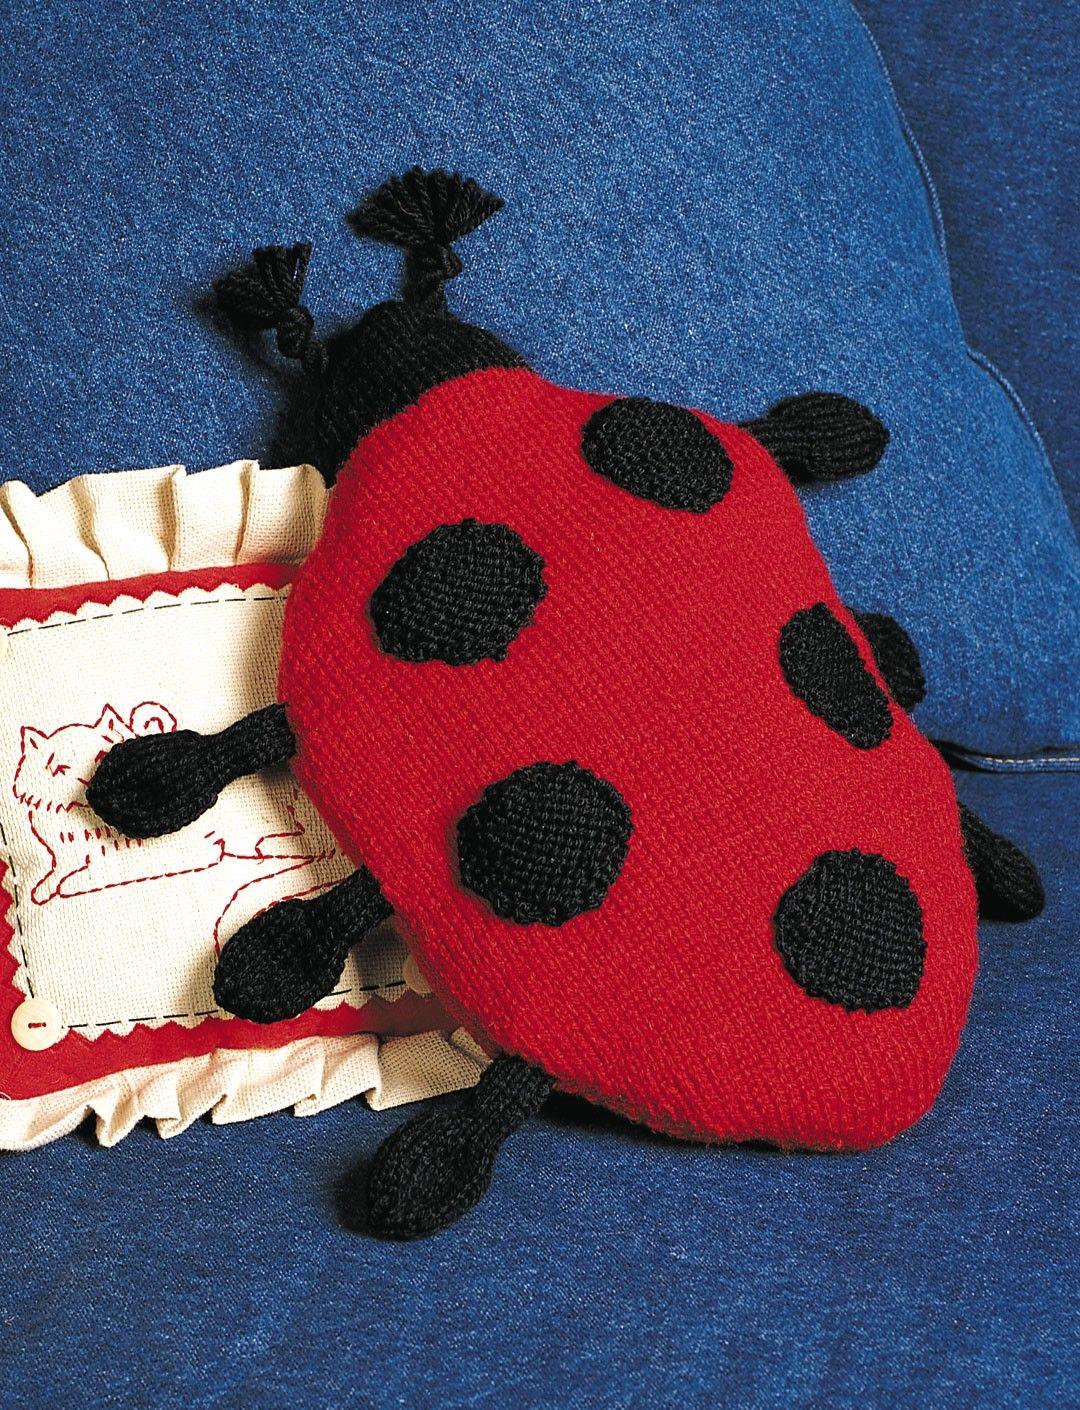 Yarnspirations patons ladybug pillow patterns ladybug pillow free knitting pattern and more free pillow knitting patterns bankloansurffo Choice Image